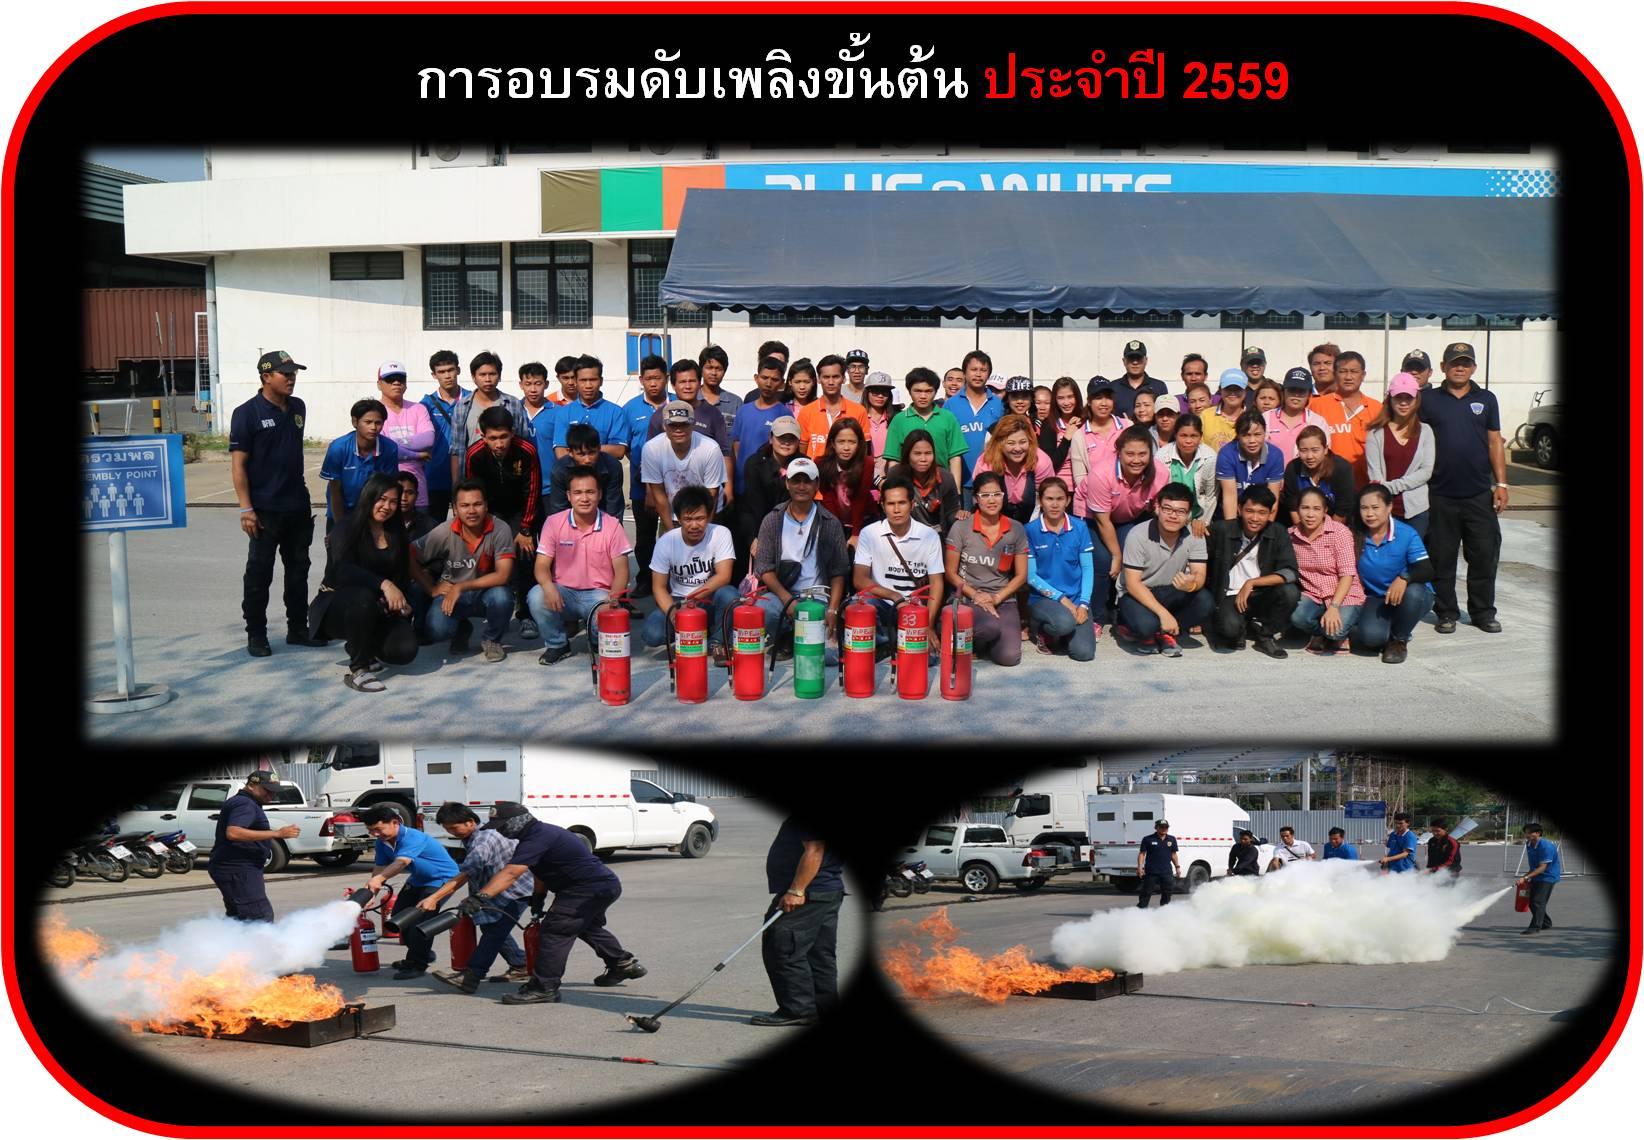 โครงการ การอบรมดับเพลิงขั้นต้น และการฝึกซ้อมดับเพลิงและอพยพหนีไฟ ประจำปี ๒๕๕๙ เพื่อให้การปฏิบัติเป็นไปตามประกาศกระทรวงมหาดไทย เรื่องการป้องกันและระงับอัคคีภัยในสถานประกอบการเพื่อความปลอดภัยในการทำงานสำหรับลูกจ้าง ลงวันที่ ๒๑ พฤศจิกายน ๒๕๓๔ หมวด ๓ ข้อ ๑๙ (๓) กำหนดให้นายจ้างต้องมีการจัดให้ลูกจ้างเข้ารับการฝึกอบรมการดับเพลิงขั้นต้นจากหน่วยงานที่ทางราชการกำหนด หรือยอมรับ ไม่น้อยกว่าร้อยละสี่สิบ ของจำนวนลูกจ้างในแต่ละหน่วยงานของสถานประกอบการ ดังนั้น ทางบริษัทฯ จึงกำหนด ให้มีการอบรมดับเพลิง และซ้อมดับเพลิงเบื้องต้น ประจำปี ๒๕๕๙ เพื่อวัตถุประสงค์ ดังนี้ ๑. เพื่อให้เกิดความปลอดภัยในการทำงานของผู้ปฏิบัติงานทุกคน ๒.เพื่อสร้างความมั่นใจในระบบรักษาความปลอดภัยให้กับผู้ปฏิบัติงานทุกคน ๓.เพื่อให้ผู้ปฏิบัติงานเกิดความคุ้นเคยและเป็นการเตรียมความพร้อมเมื่อเกิดเหตุเพลิงไหม้ ๔.เพื่อให้ผู้ปฏิบัติงานได้เข้าใจและตระหนักถึงความรับผิดชอบต่อการมีส่วนร่วมในการฝึกซ้อมดับเพลิง ๕.เพื่อให้ผู้ปฏิบัติงานเกิดความคล่องตัวในการระงับเหตุอัคคีภัยที่อาจจะเกิดขึ้น